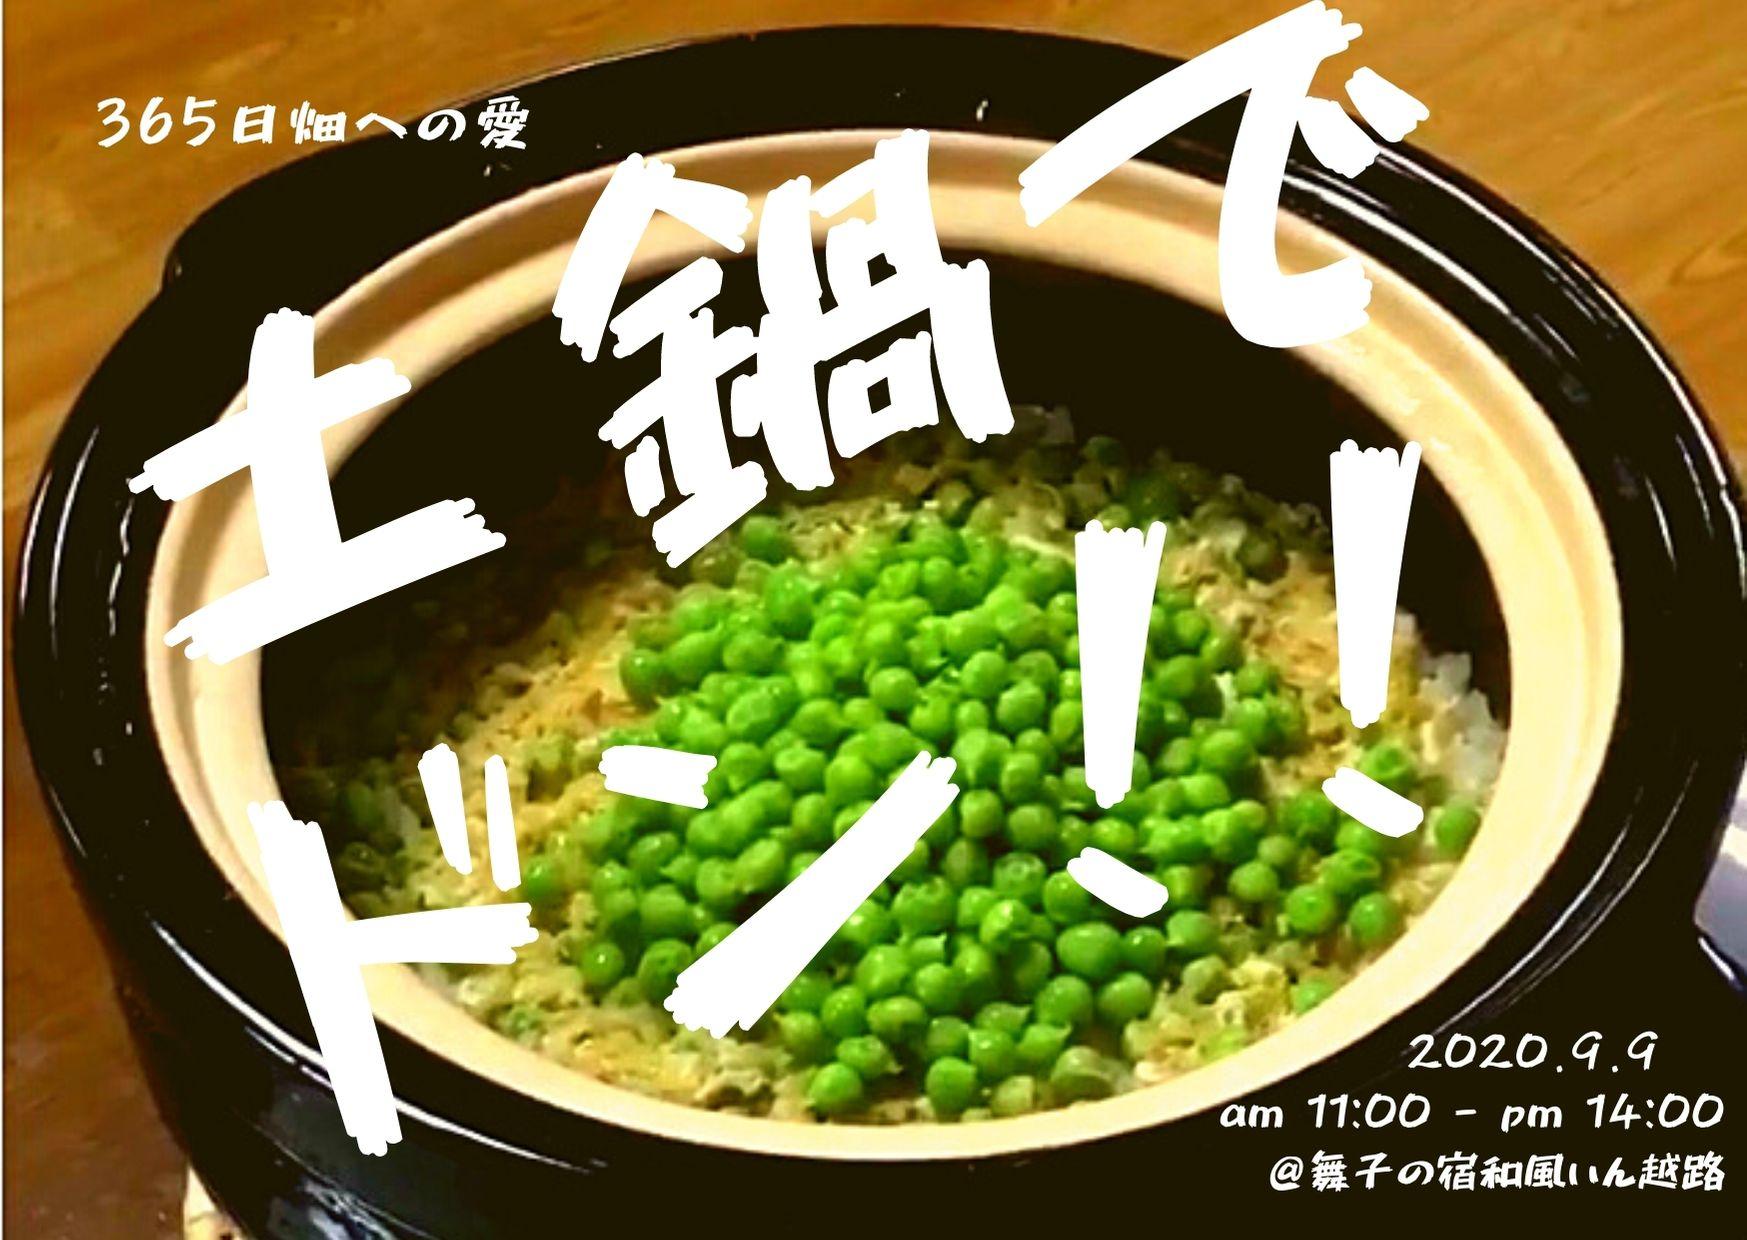 9月9日/土鍋でドン!!~365日畑への愛~